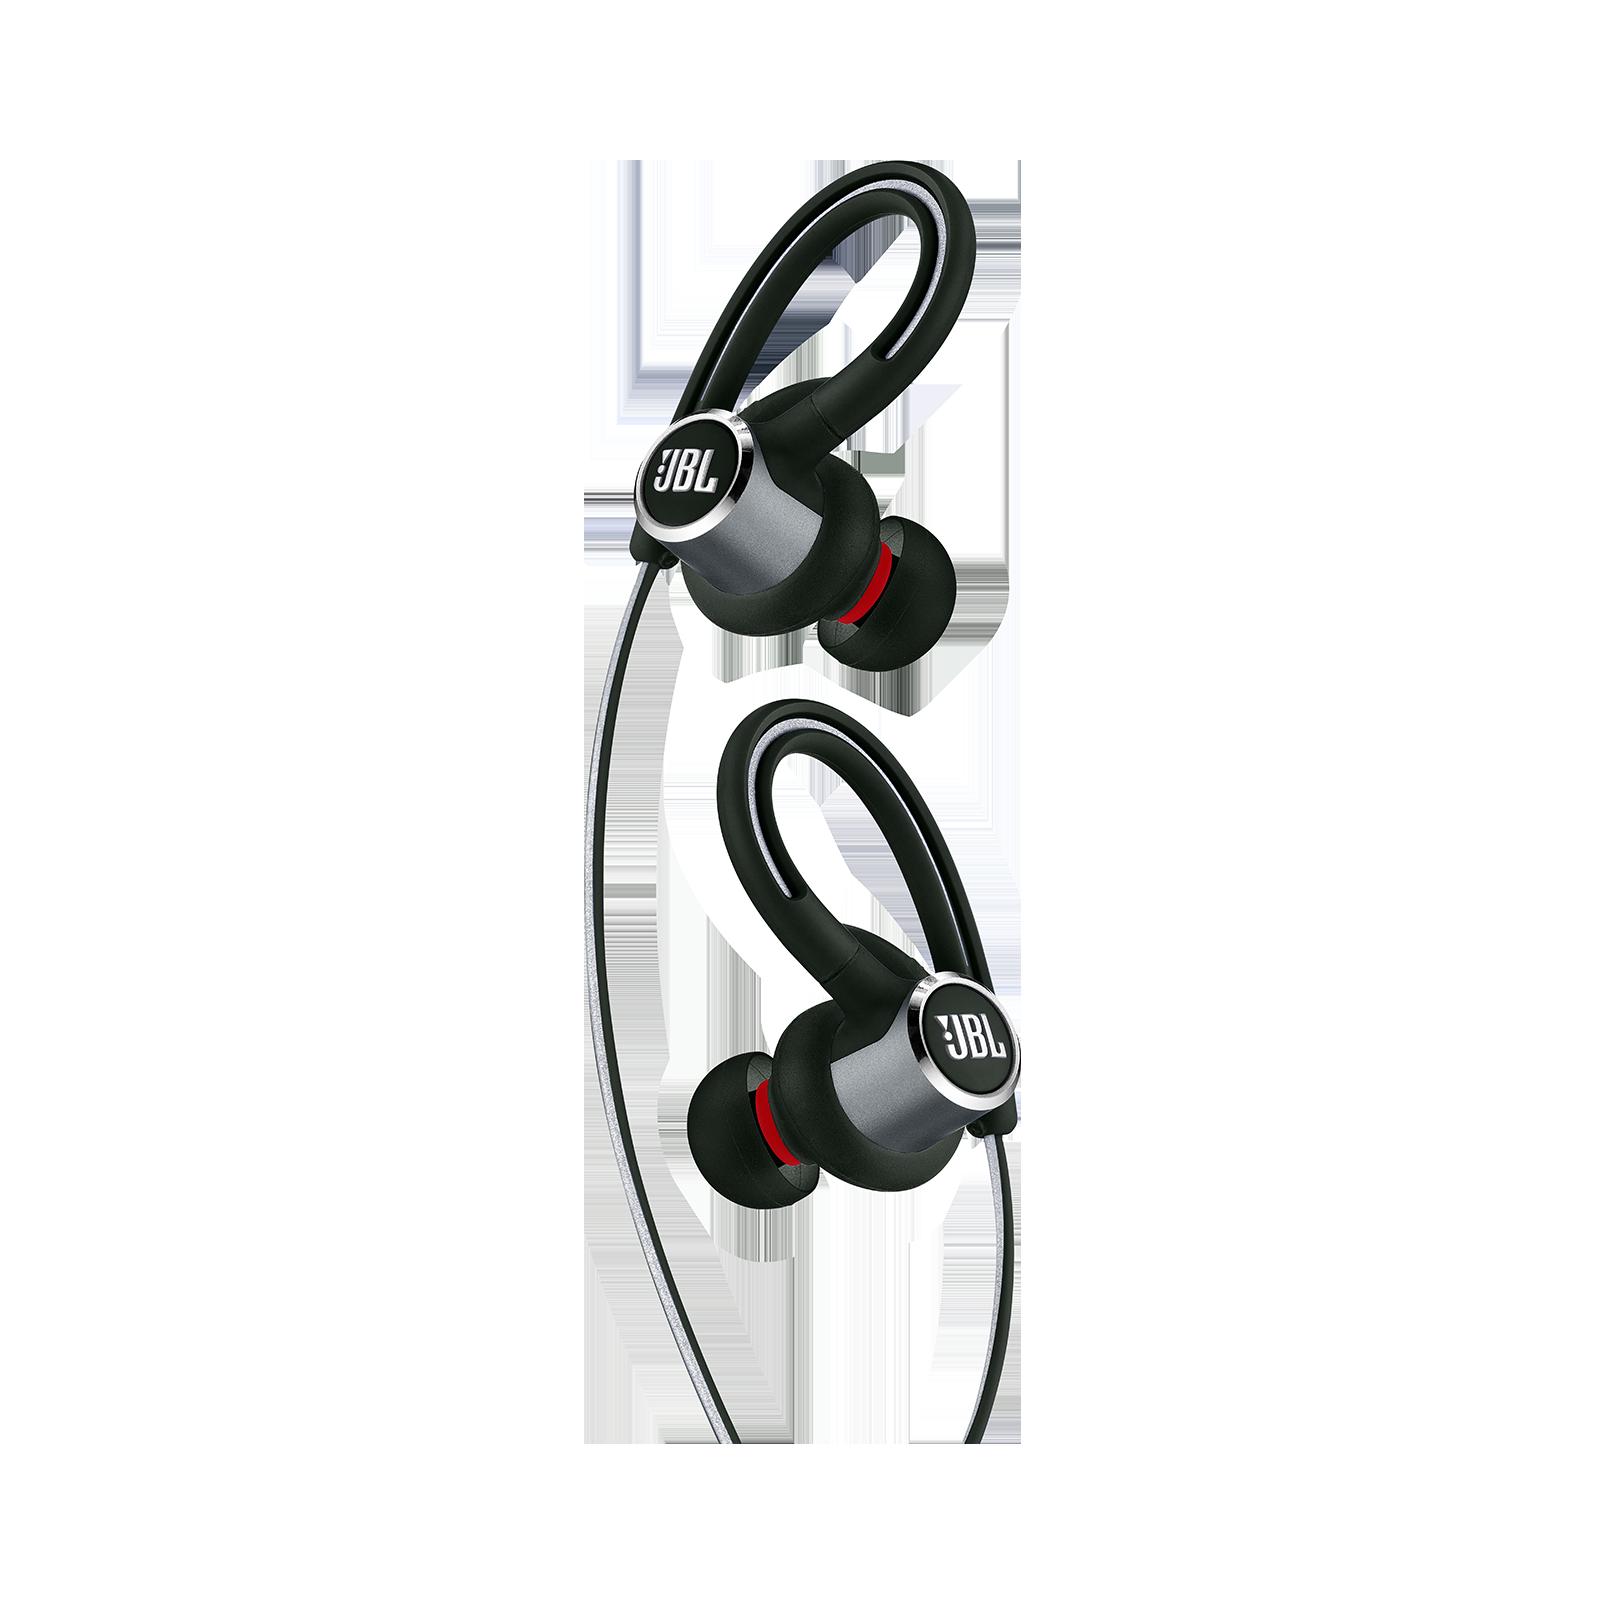 JBL Reflect Contour 2 - Black - Secure fit Wireless Sport Headphones - Detailshot 1